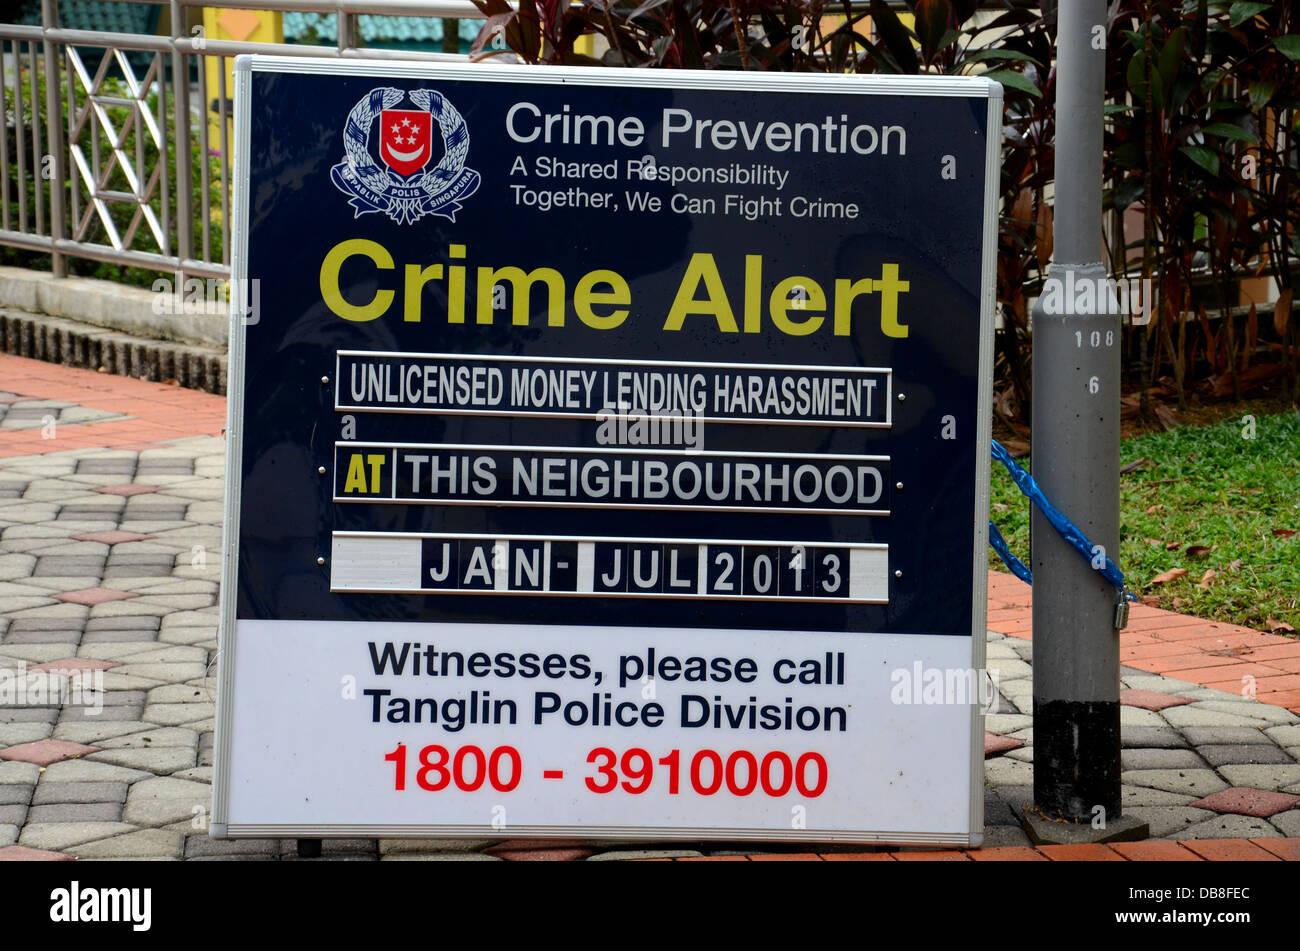 La policía de Singapur tiburón de préstamo el préstamo de dinero acoso aviso de alerta Foto de stock